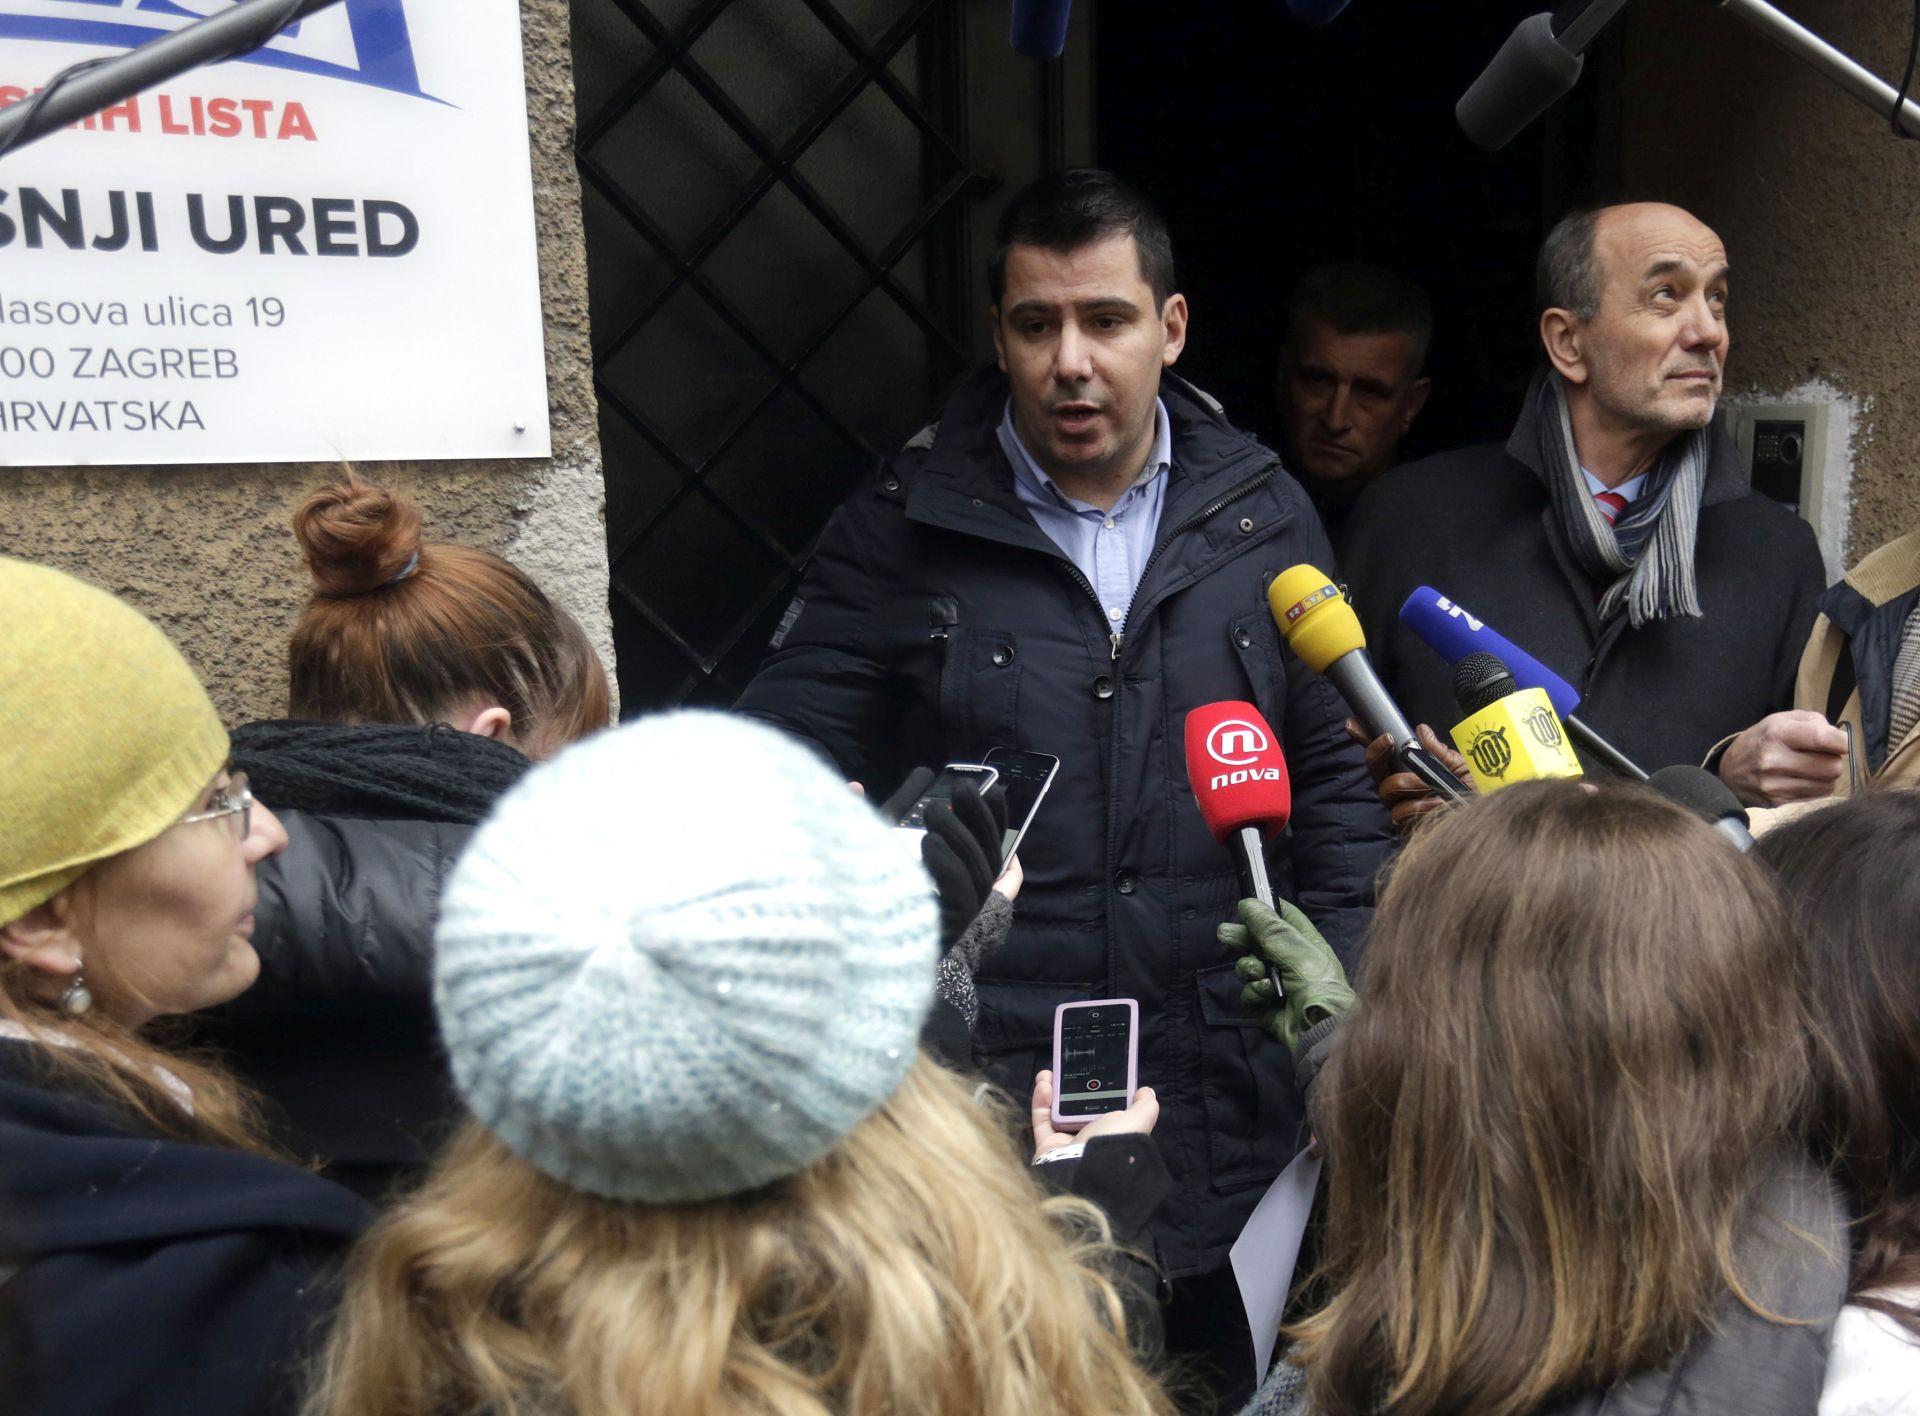 """NIŠTA JOŠ NIJE DOGOVORENO Grmoja: """"Mi ćemo čekati odluku HDZ-a do 16 sati, tada ćemo sve znati"""""""